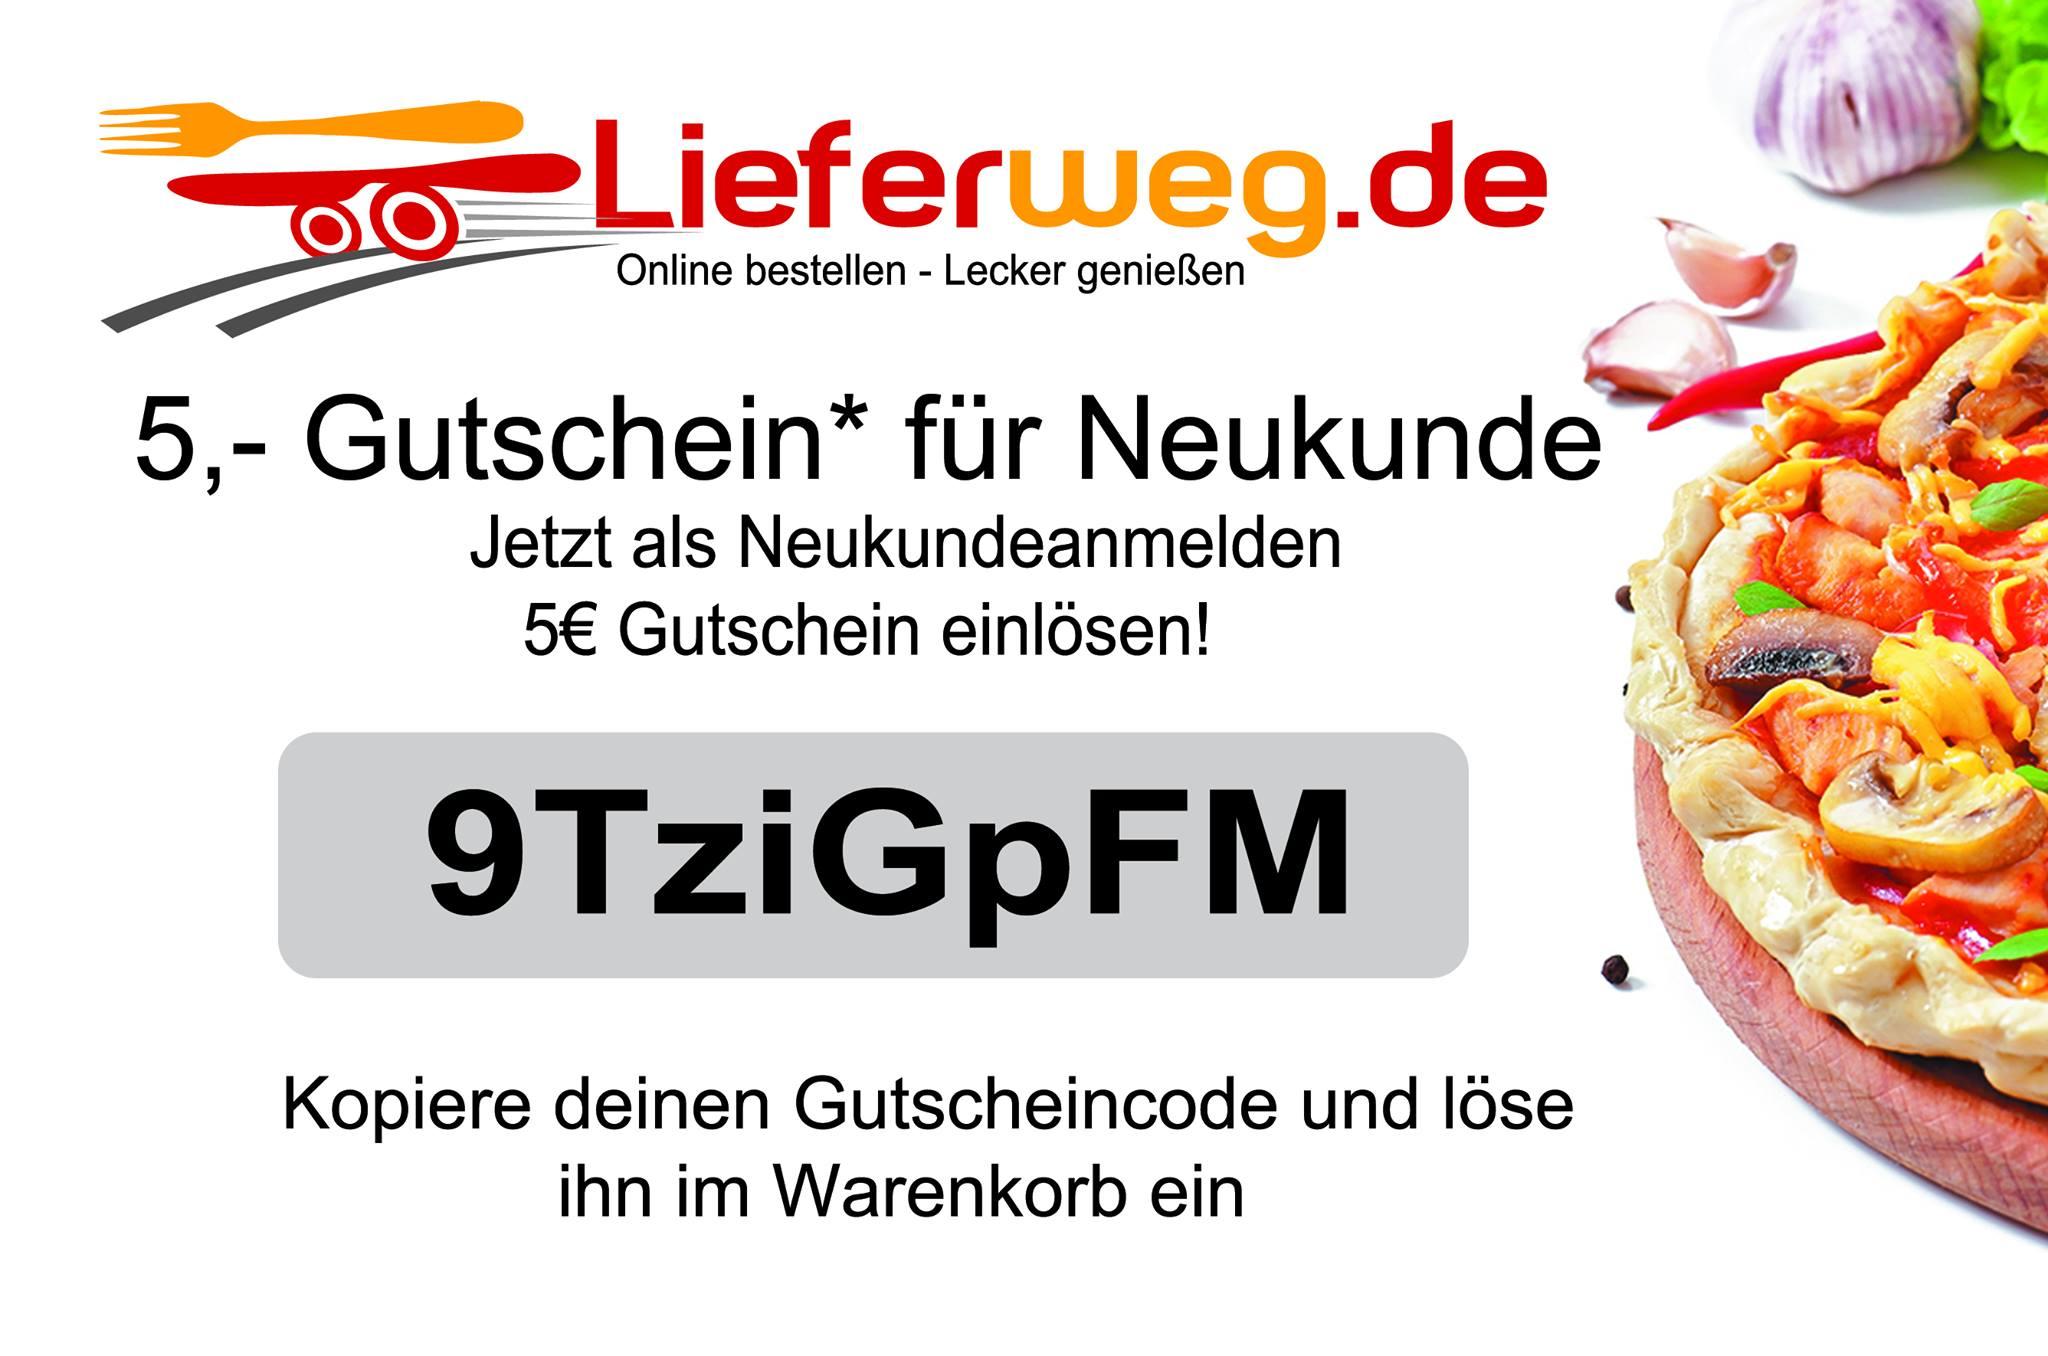 Lieferweg.de - 5€ GS für Neukunden (neuer Lieferservice) / Lokal (OWL)